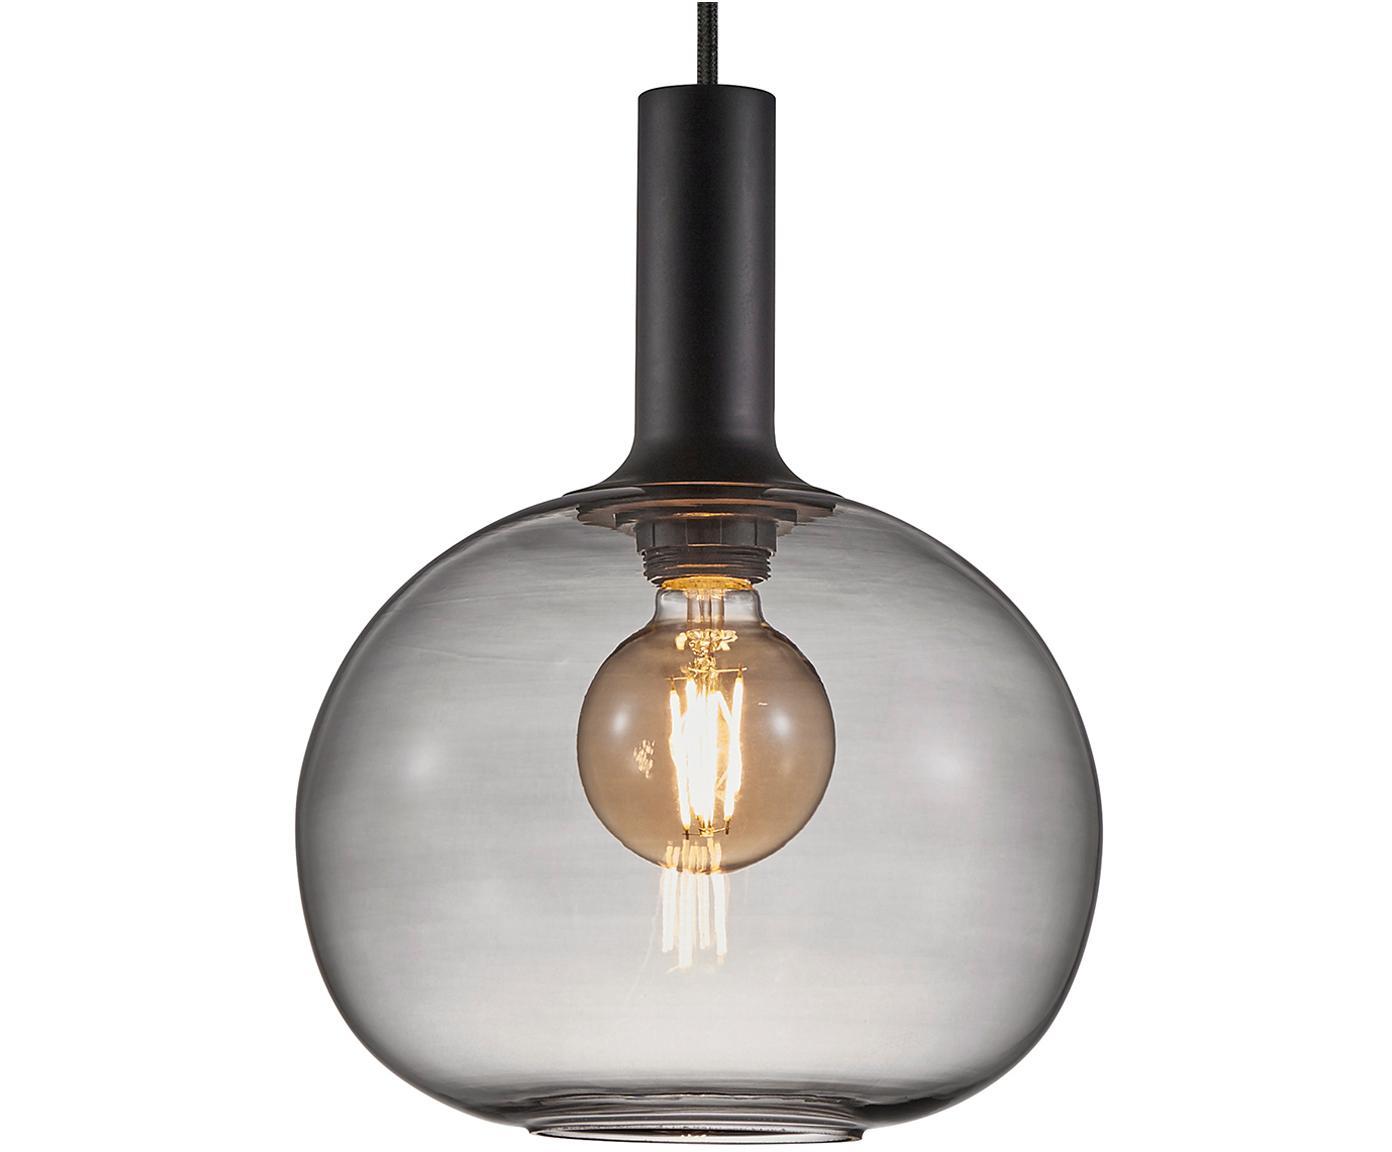 Lámpara de techo Alton, Pantalla: vidrio, Cable: cubierto en tela, Negro, gris, transparente, Ø 25 x Al 33 cm